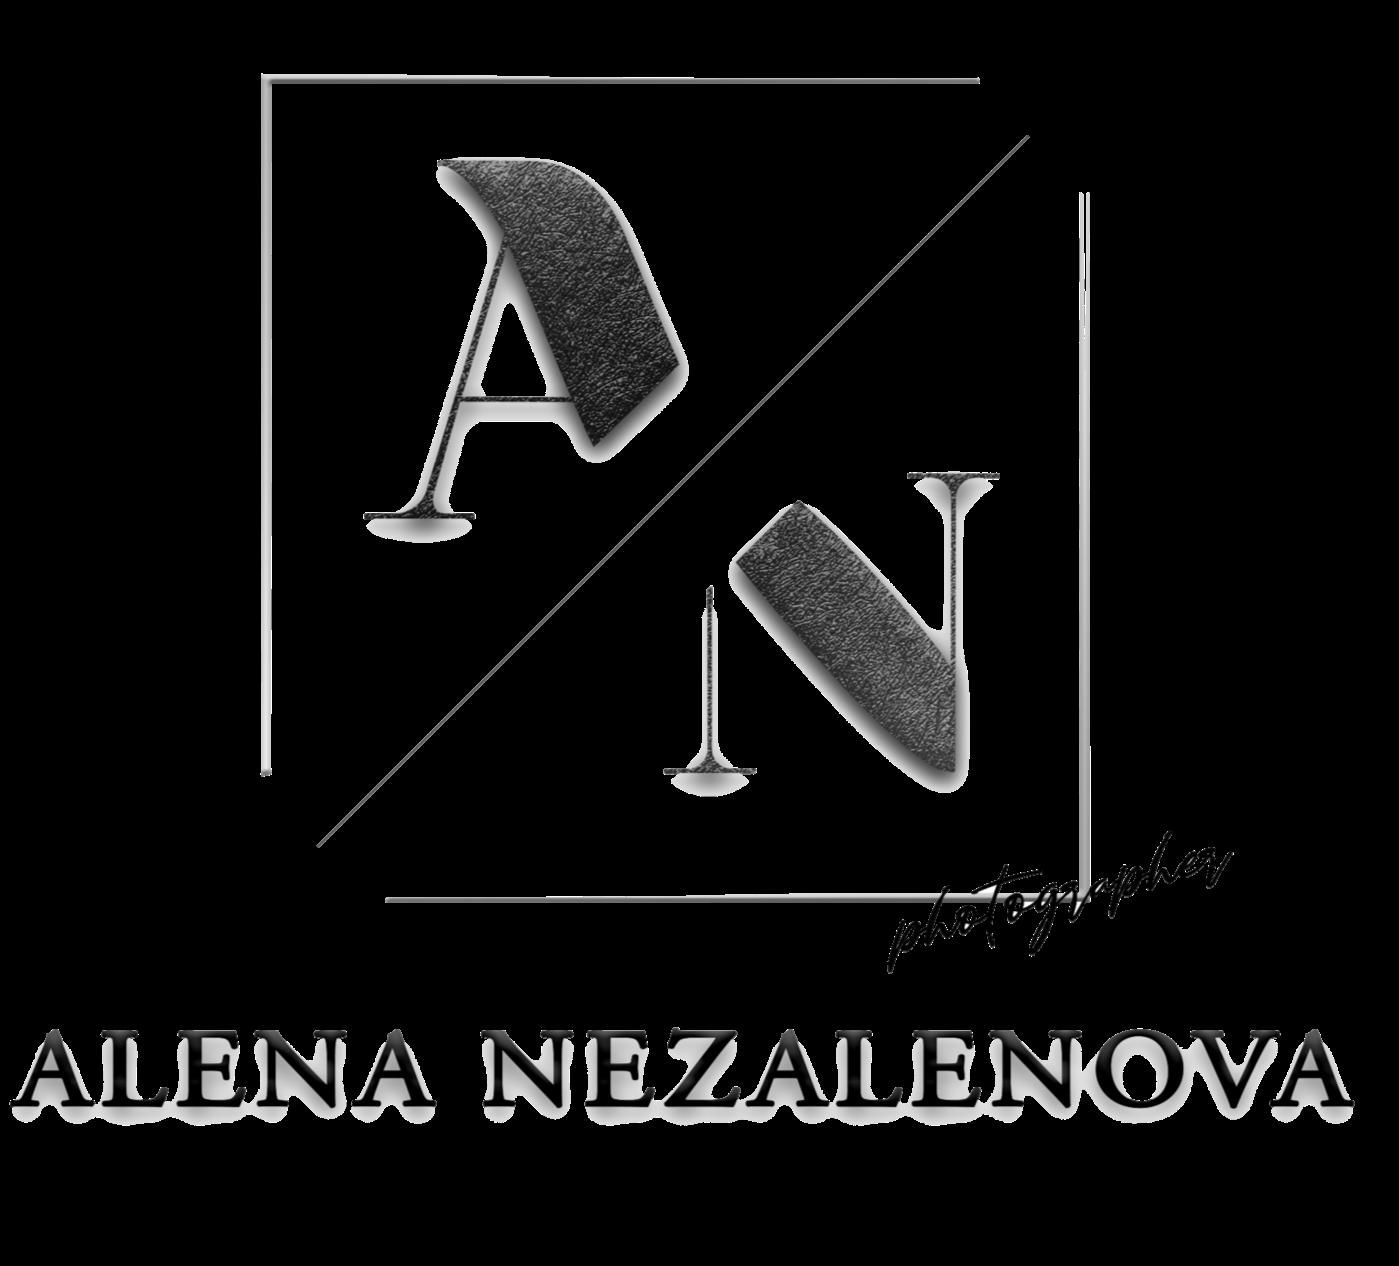 Alena Nezalenova